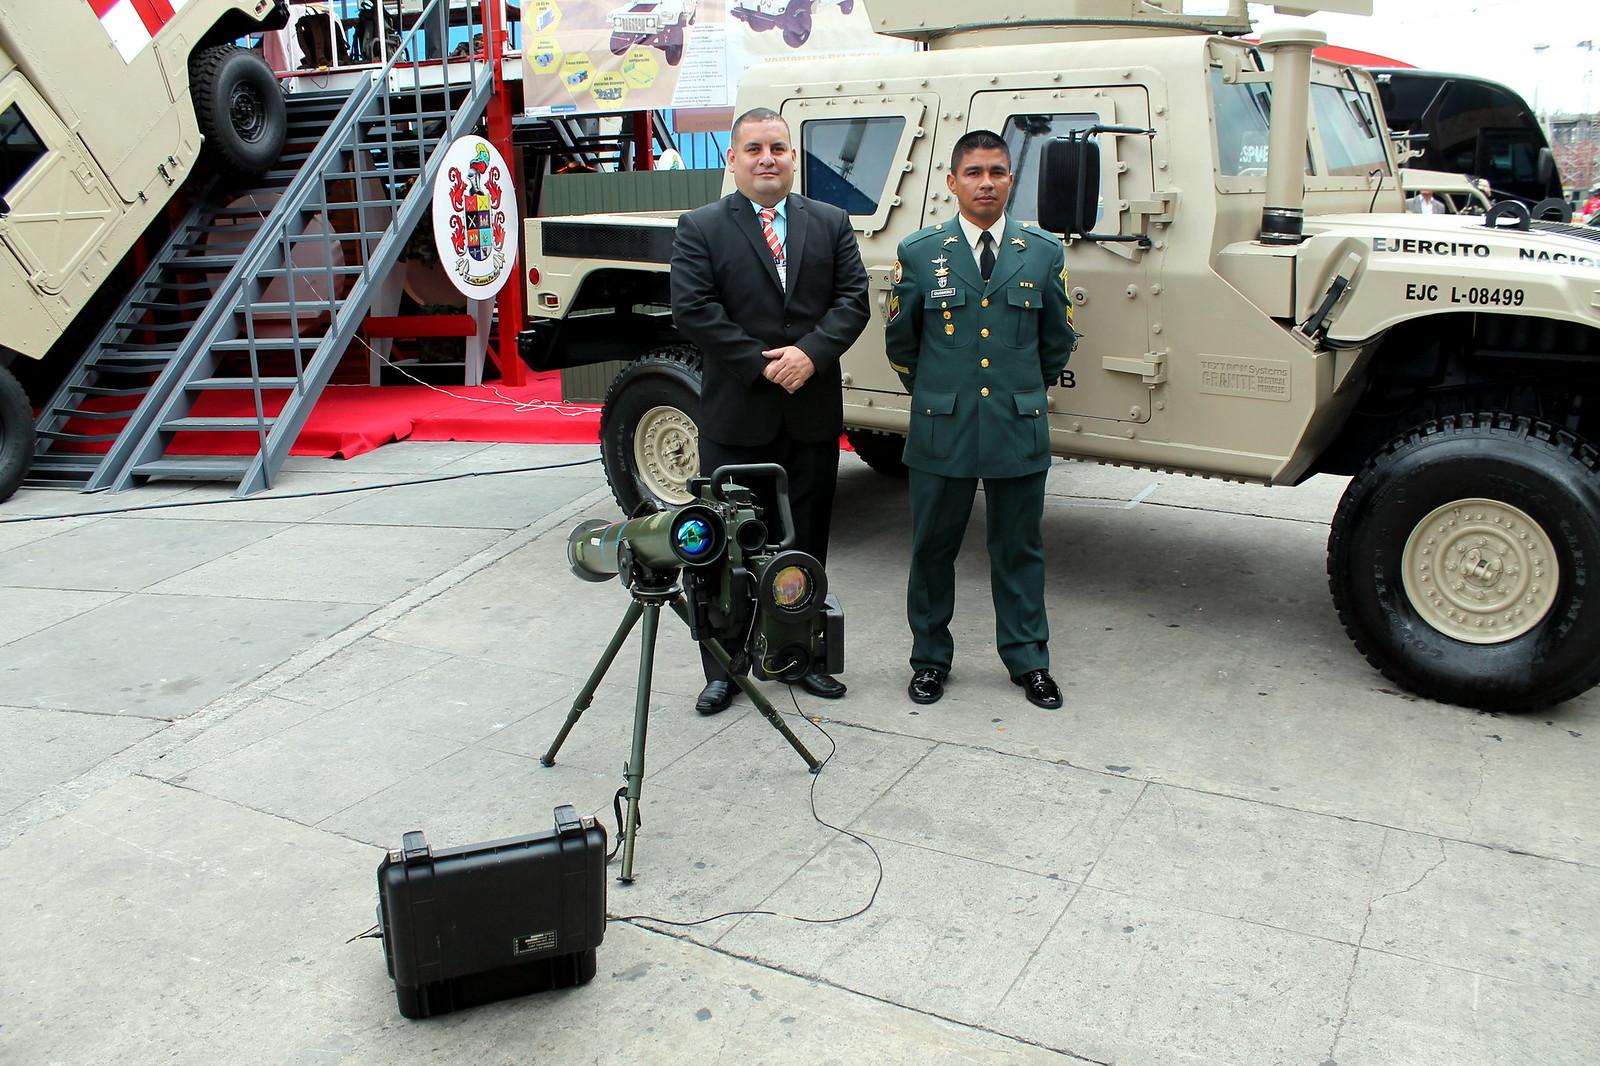 Ejército de Colombia 29628579492_87533cdcb9_h